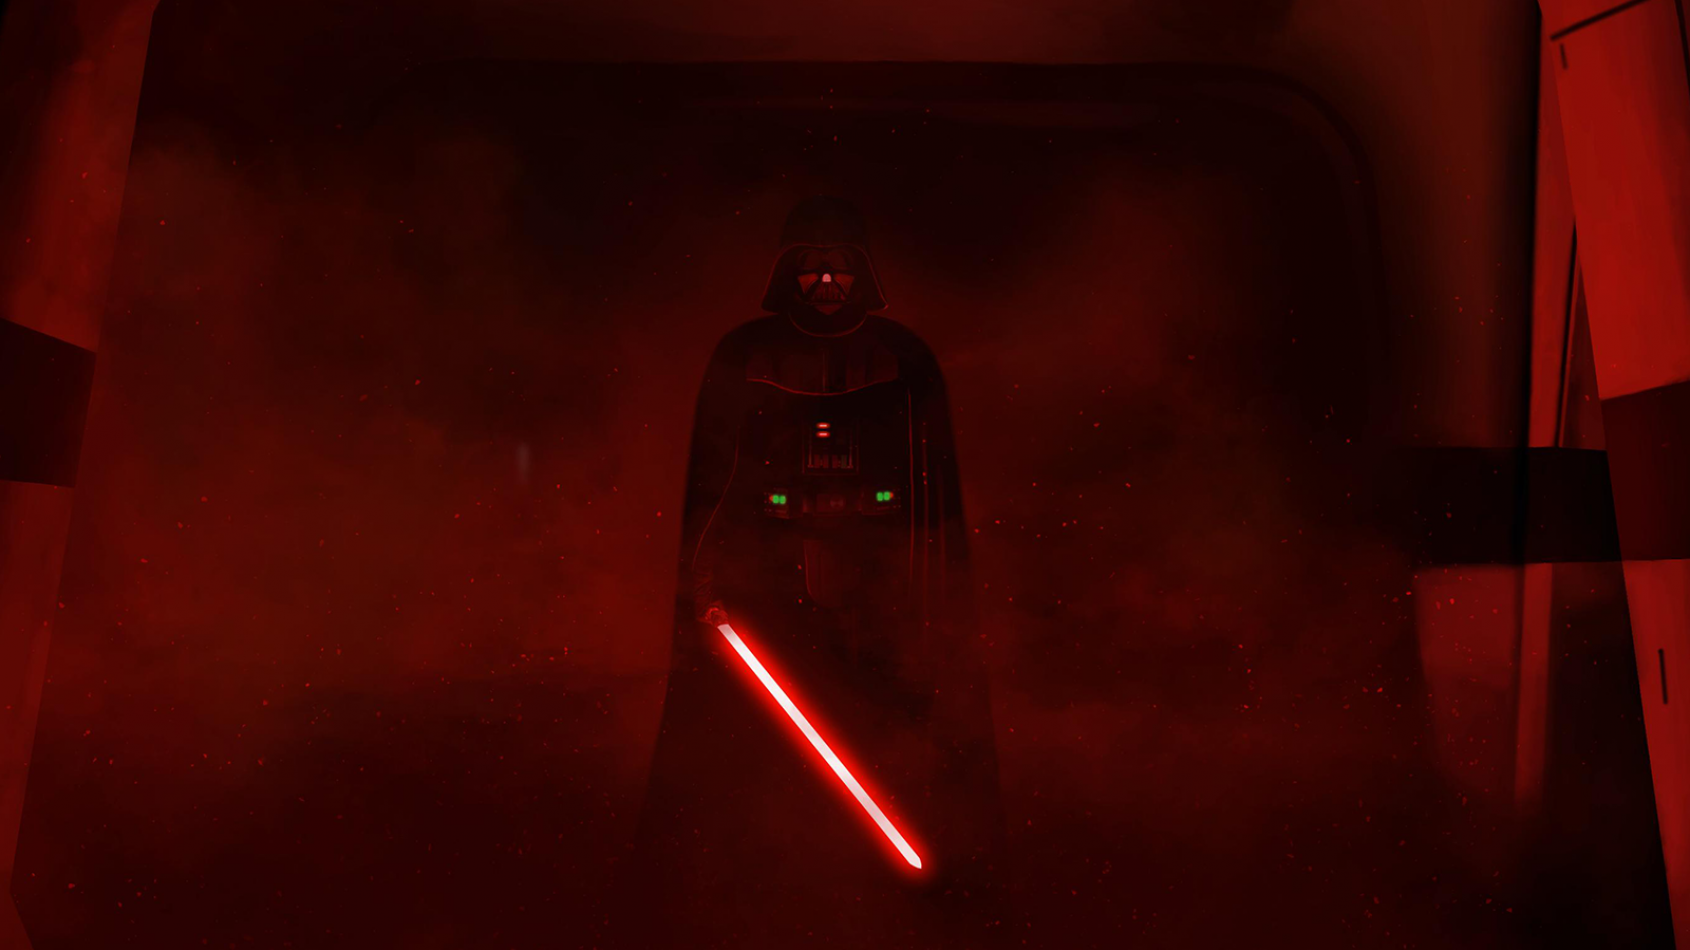 Détails sur l'iconique scène de Dark Vador dans Rogue One